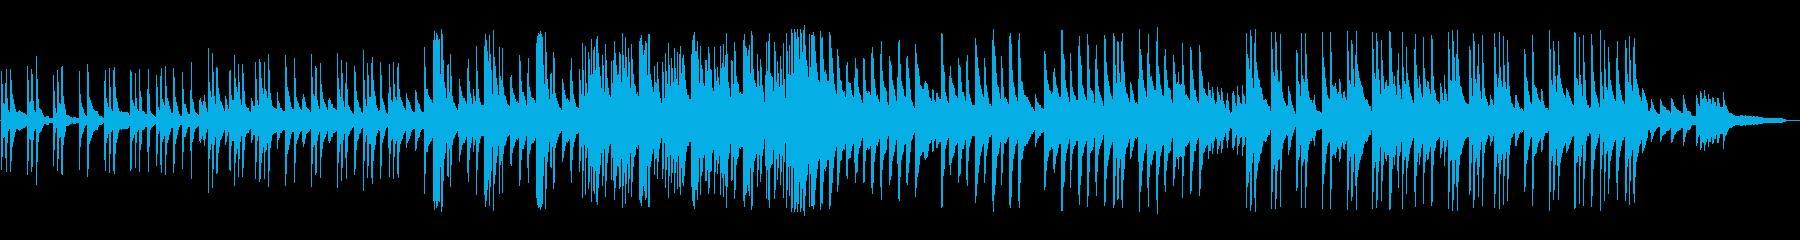 ゆったりとしたピアノソロの再生済みの波形